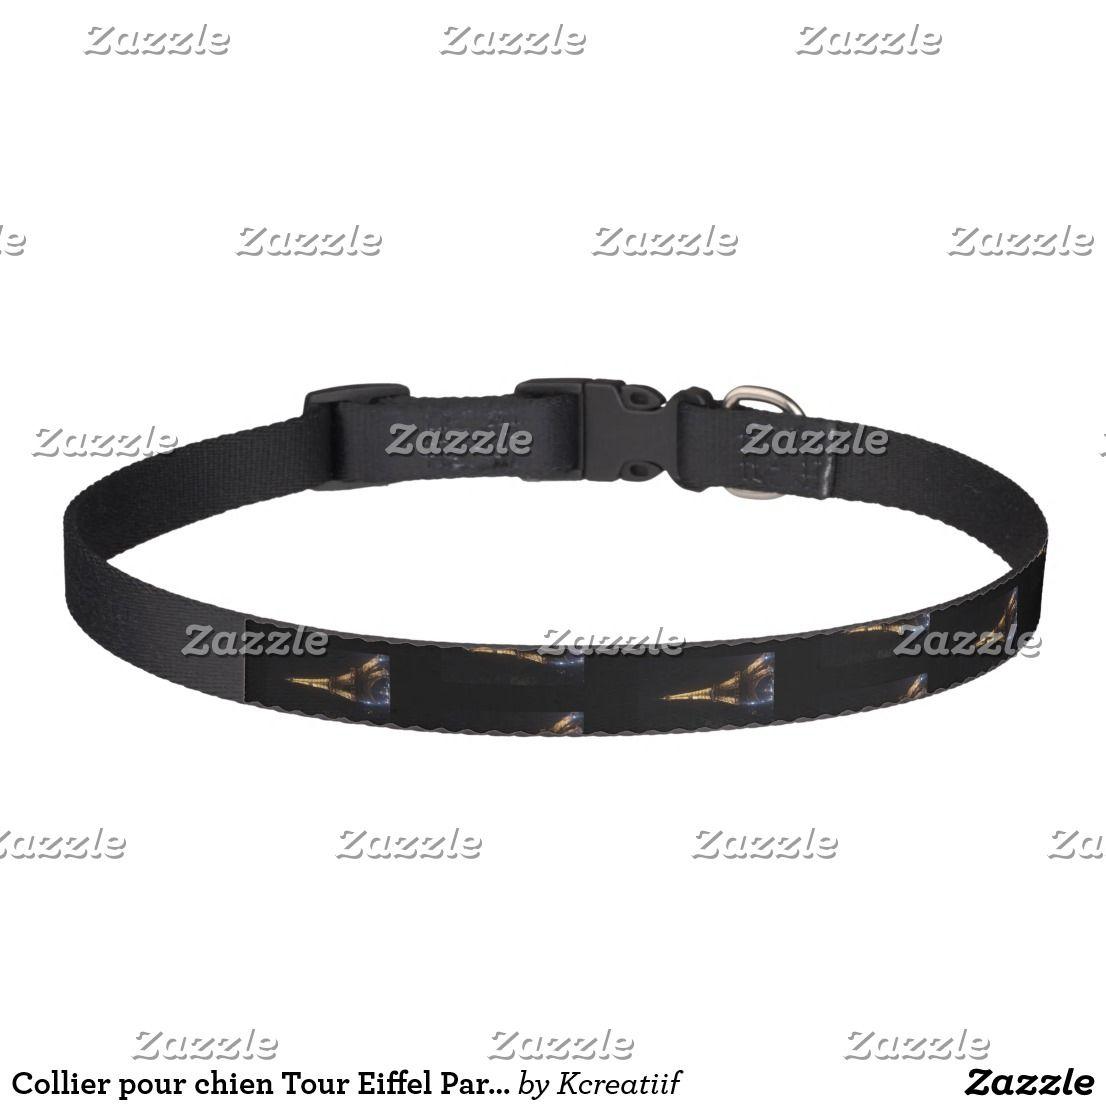 acheter un collier pour chien